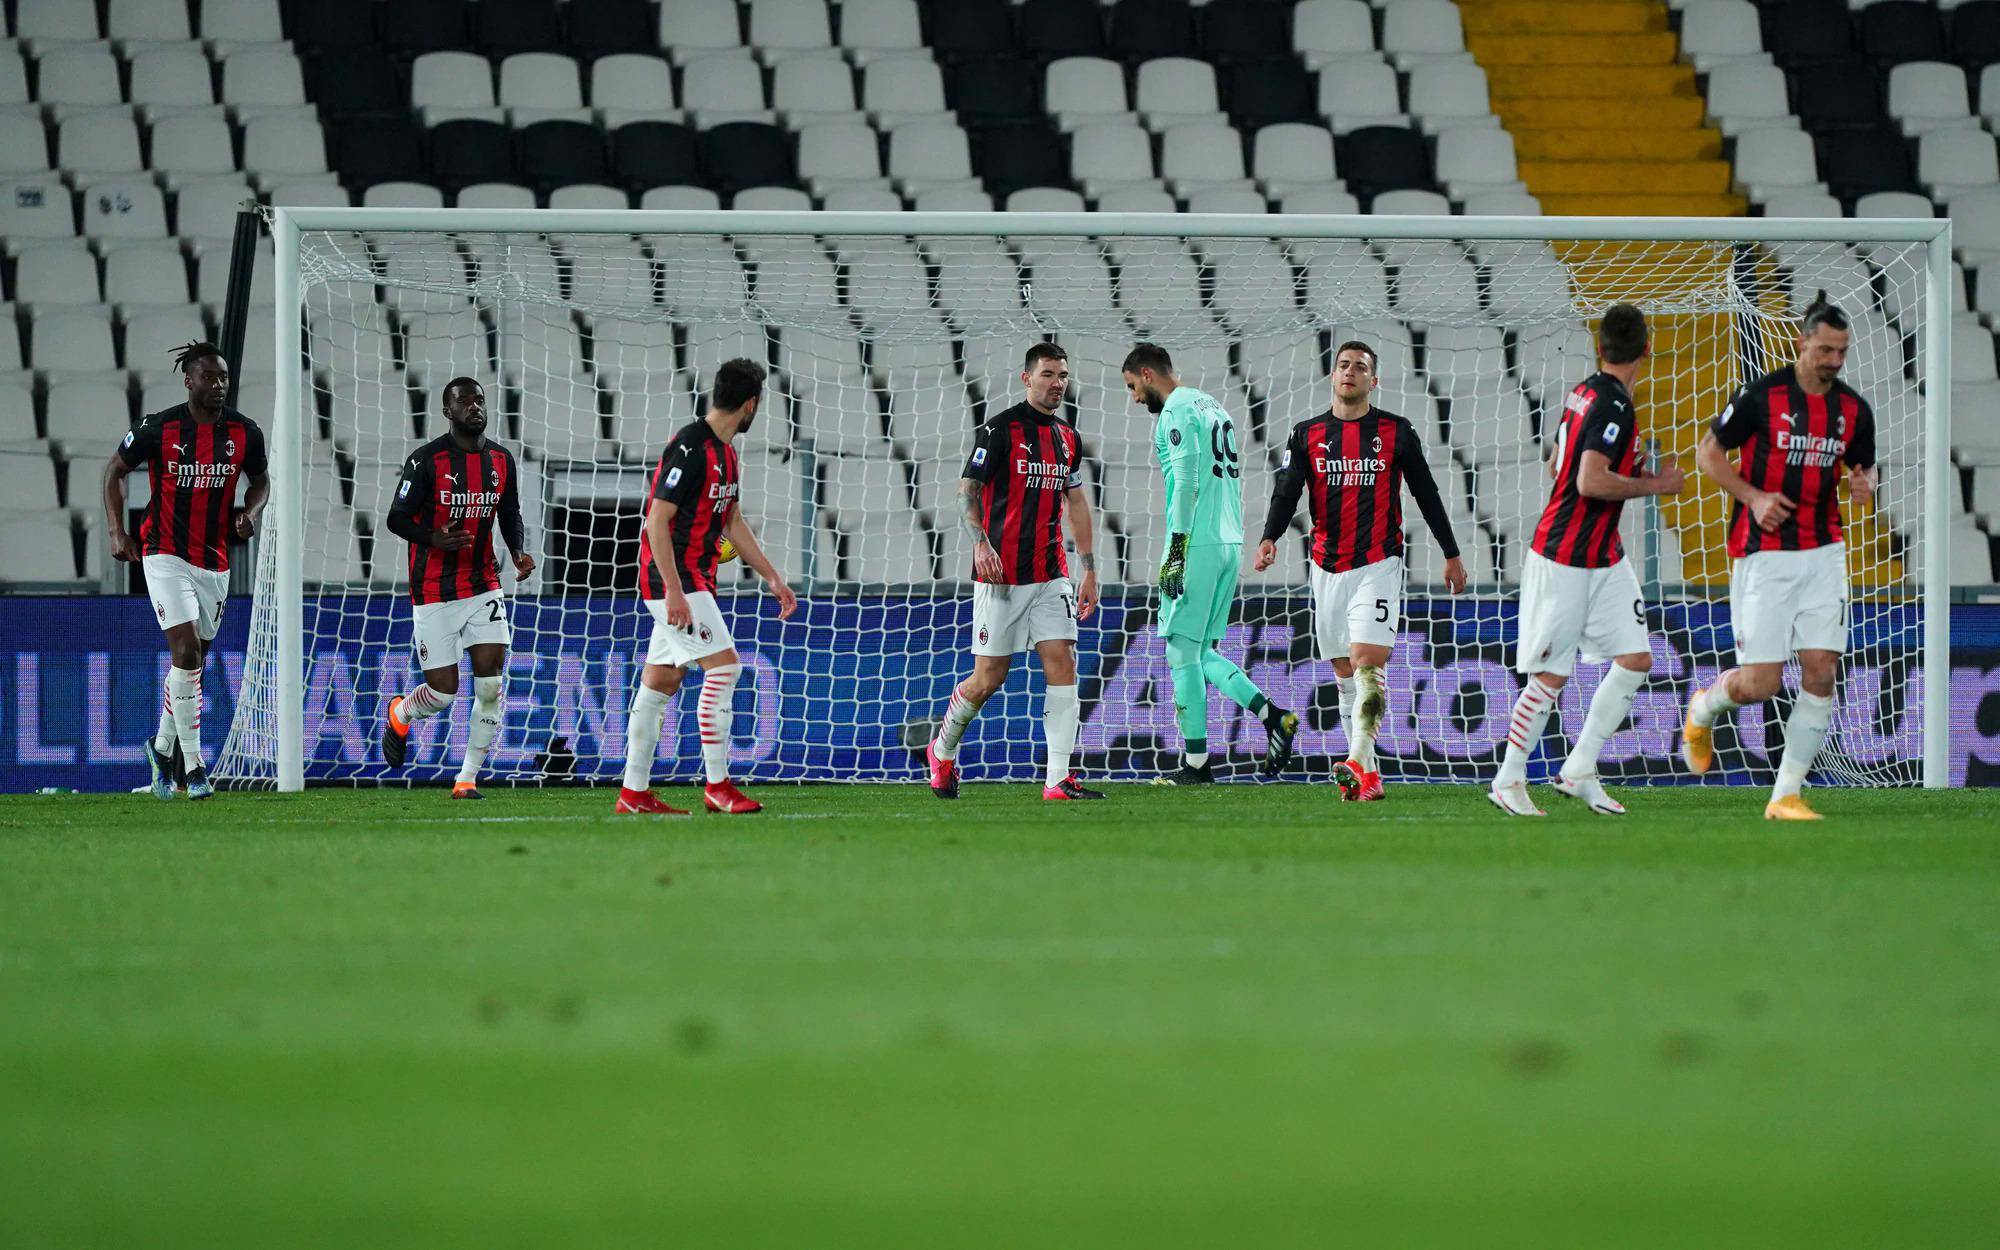 Para pemain Milan merasa bosan setelah gol kedua.  Foto: Lapresse